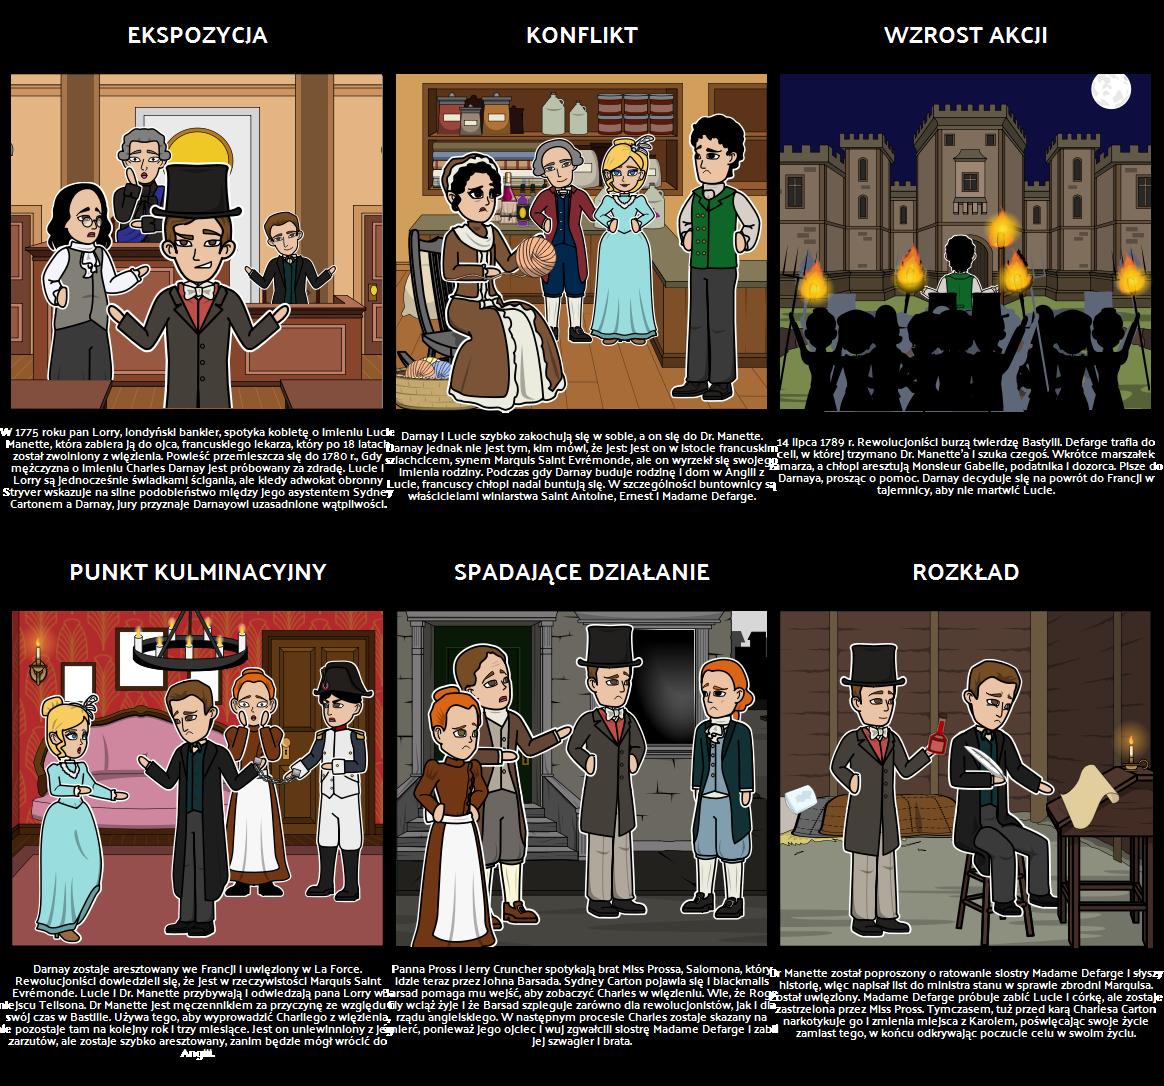 Wykres Akcji dla Opowieści o Dwóch Miastach